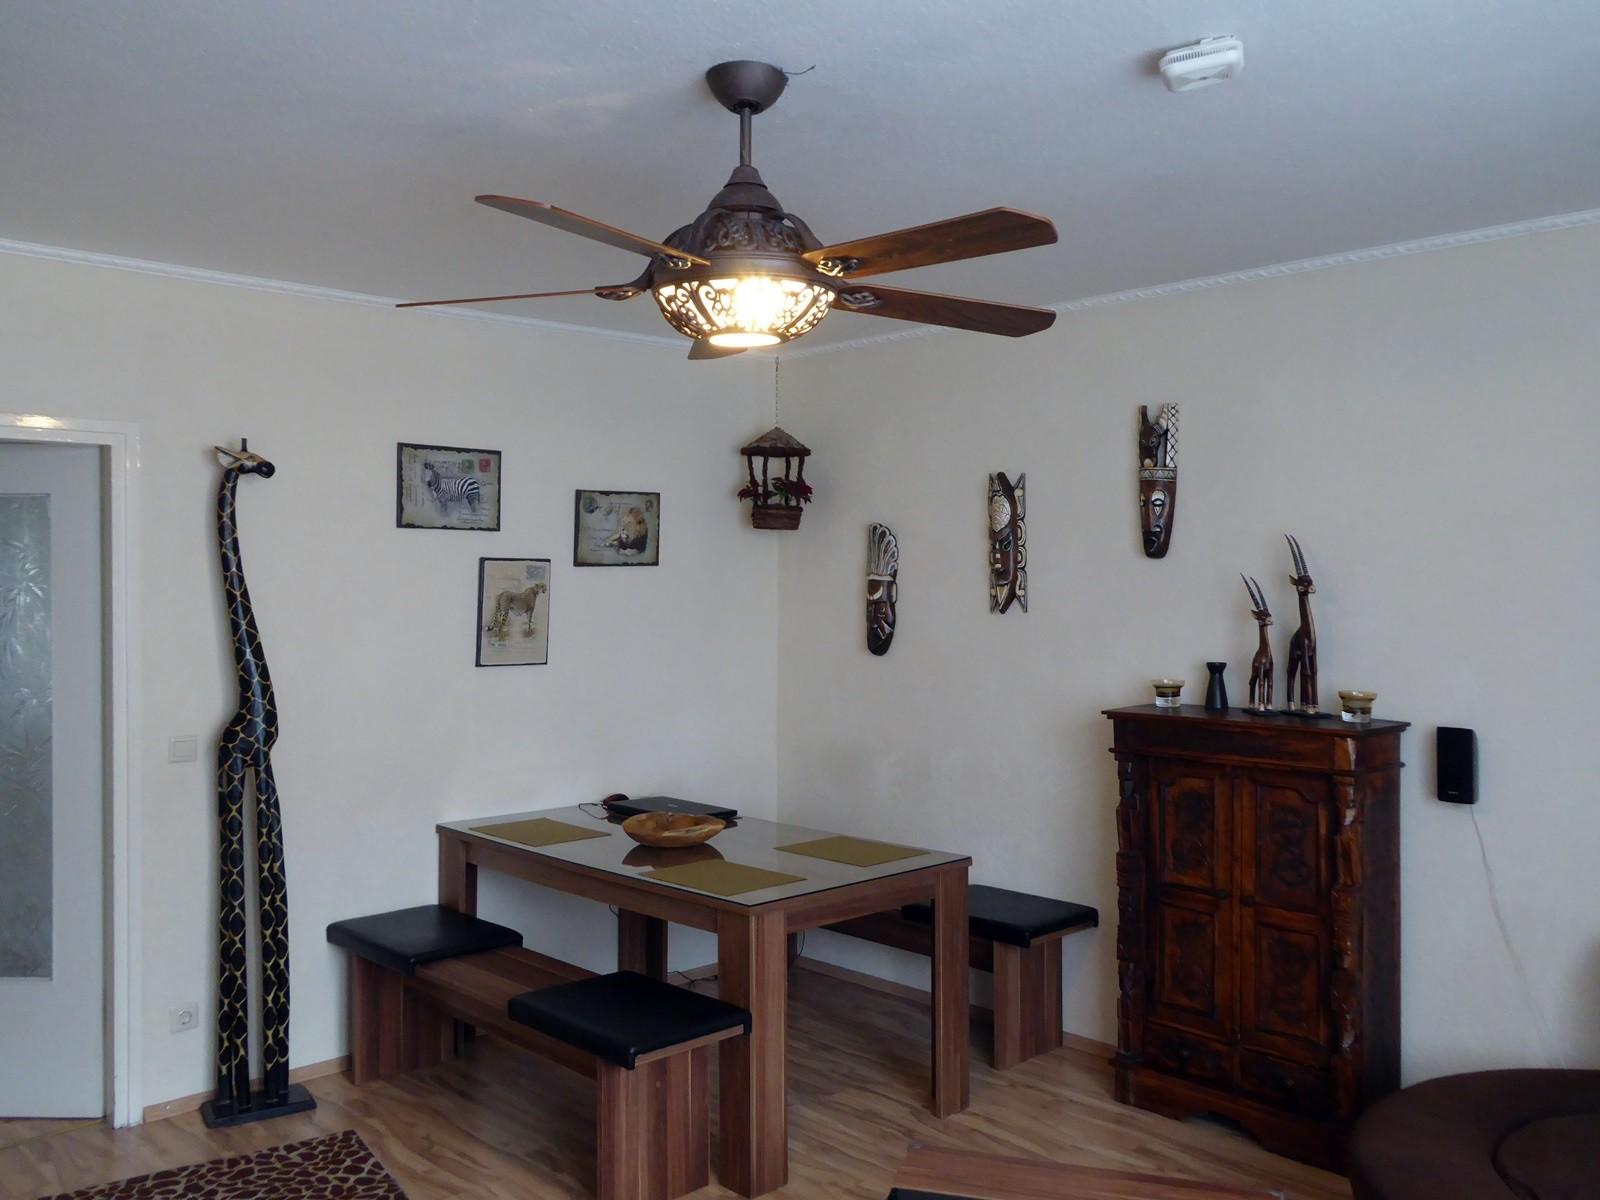 deckenventilator santa pepeo rostbraun mit fernbedienung. Black Bedroom Furniture Sets. Home Design Ideas